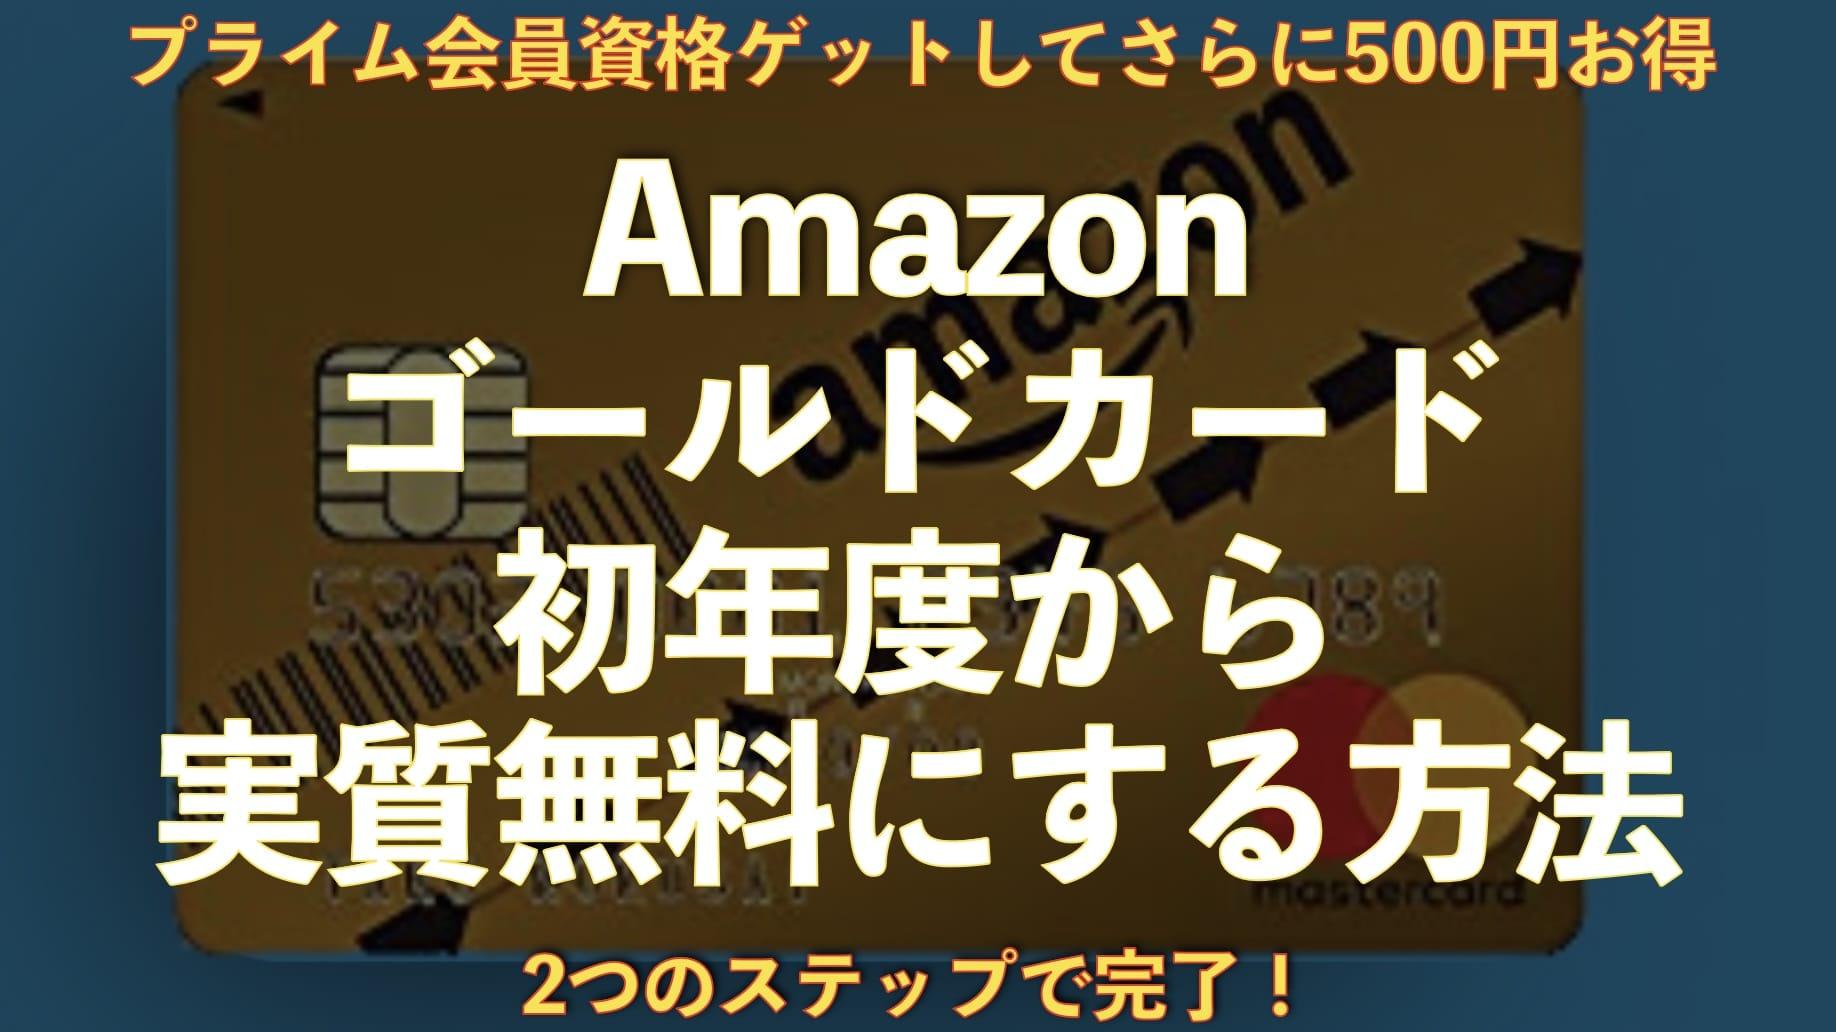 Amazonゴールドカード年会費を一年目から実質無料にできた方法【2021年版】サムネイル画像